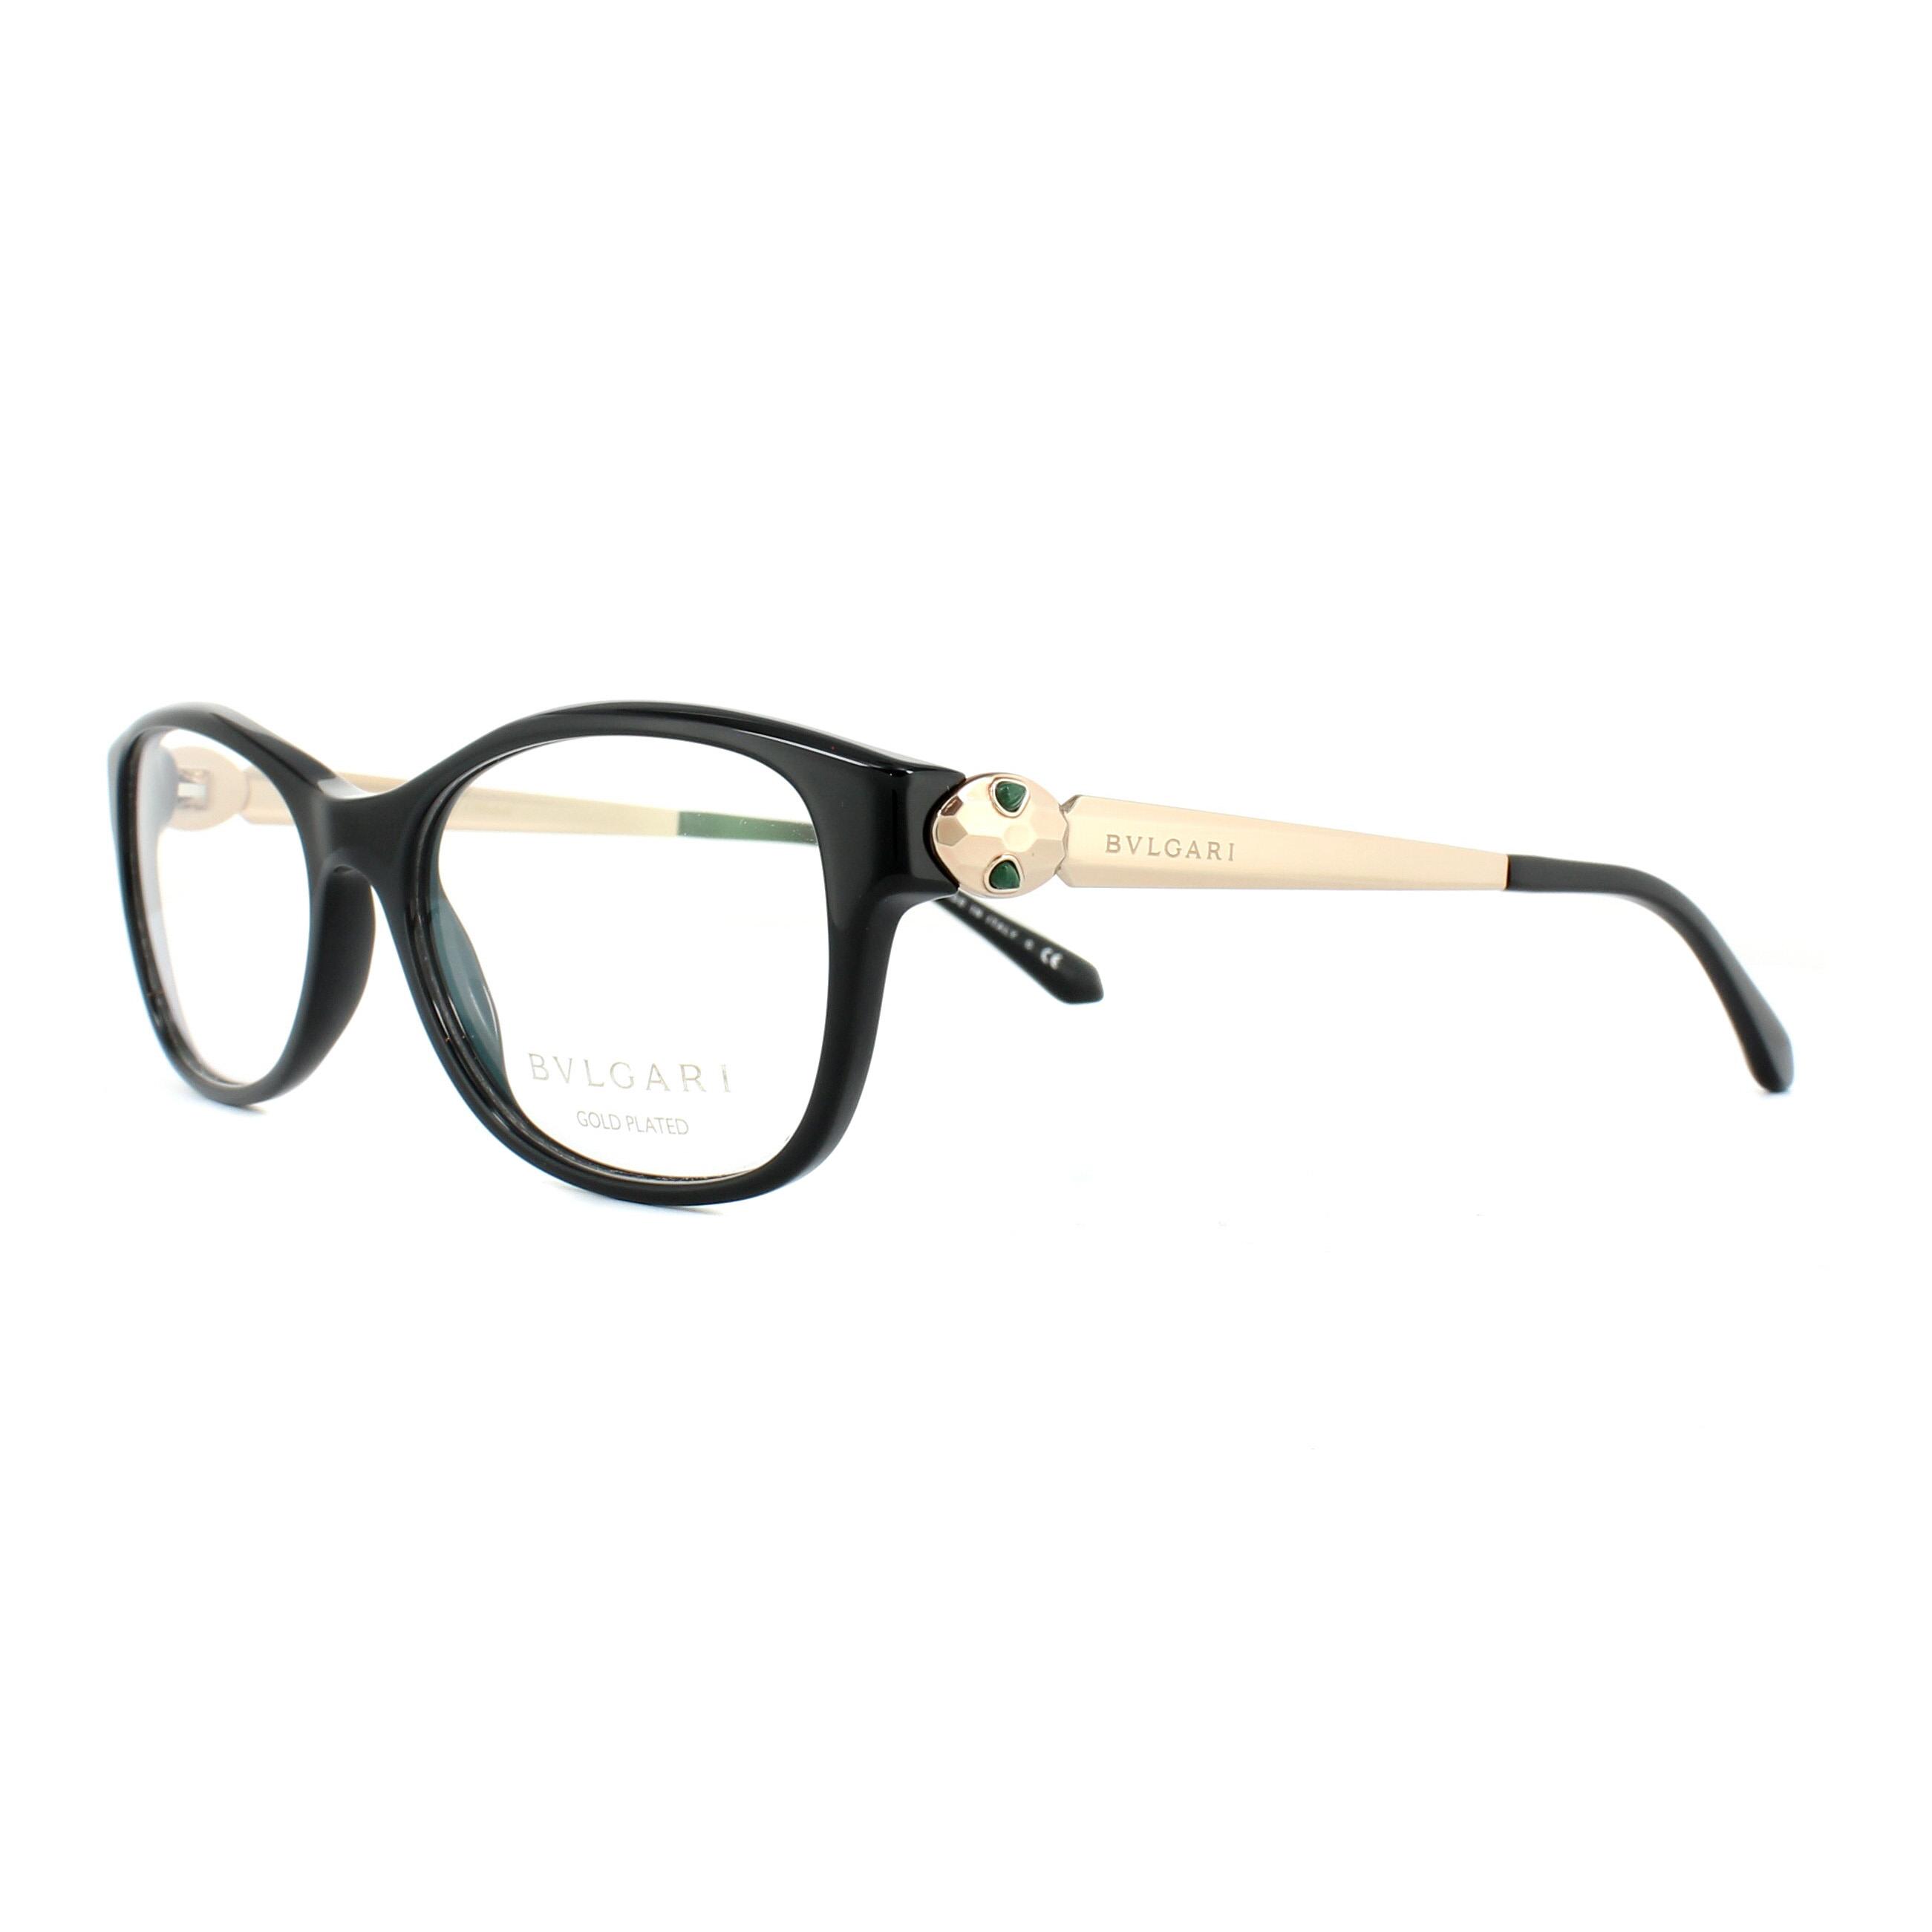 7c4b8b26a5bd Bvlgari Glasses Frames 4138KB 5195 Black 54mm Womens 8053672651867 ...